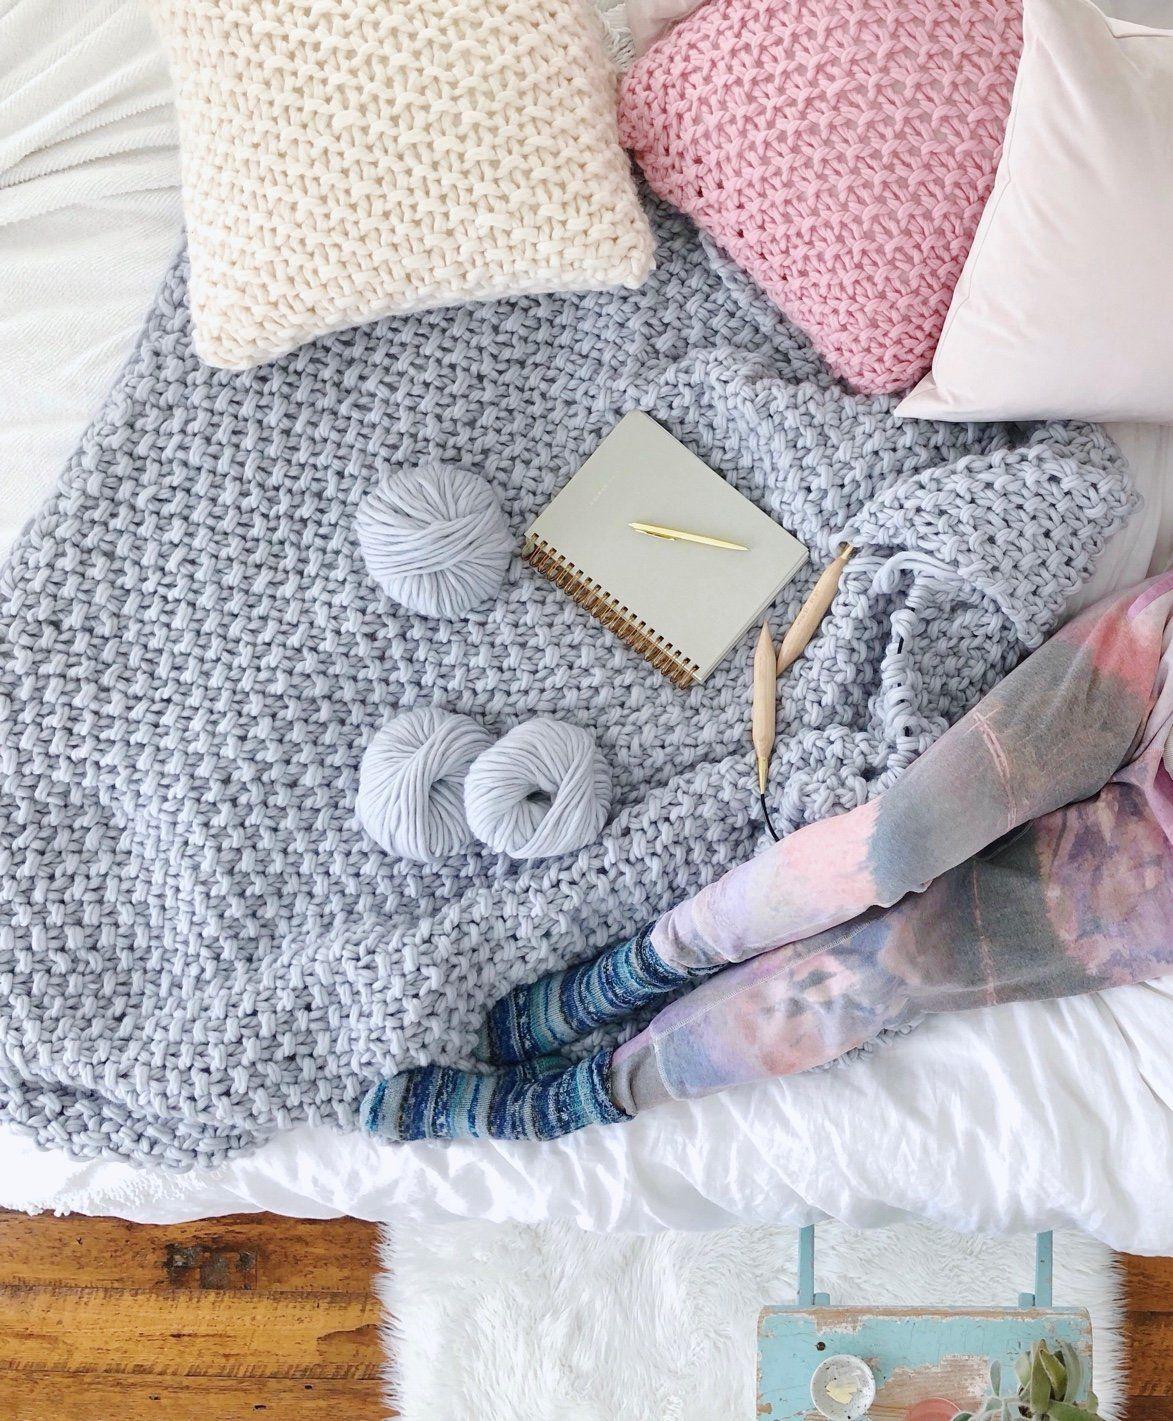 VERONICA chunky knit blanket kit Crochet for beginners